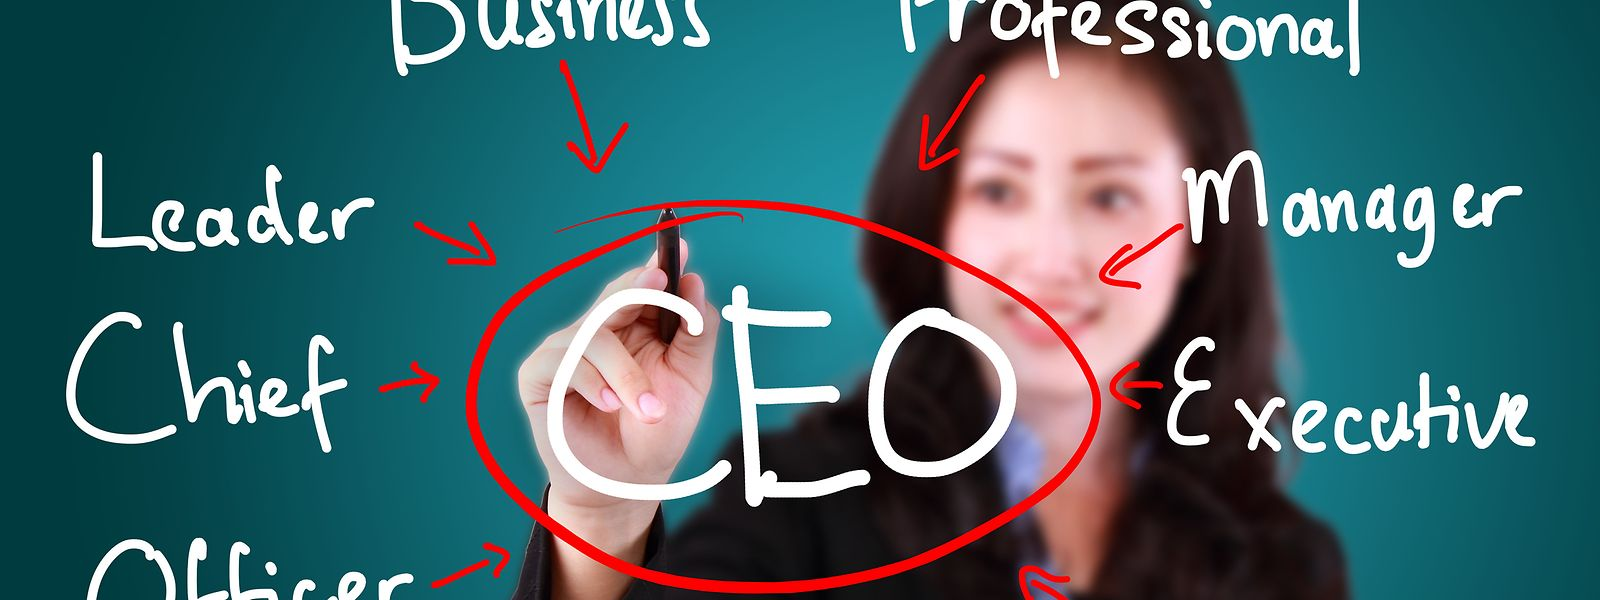 SES, ArcelorMittal ou RTL Group doivent améliorer la part des femmes dans leurs postes de direction.